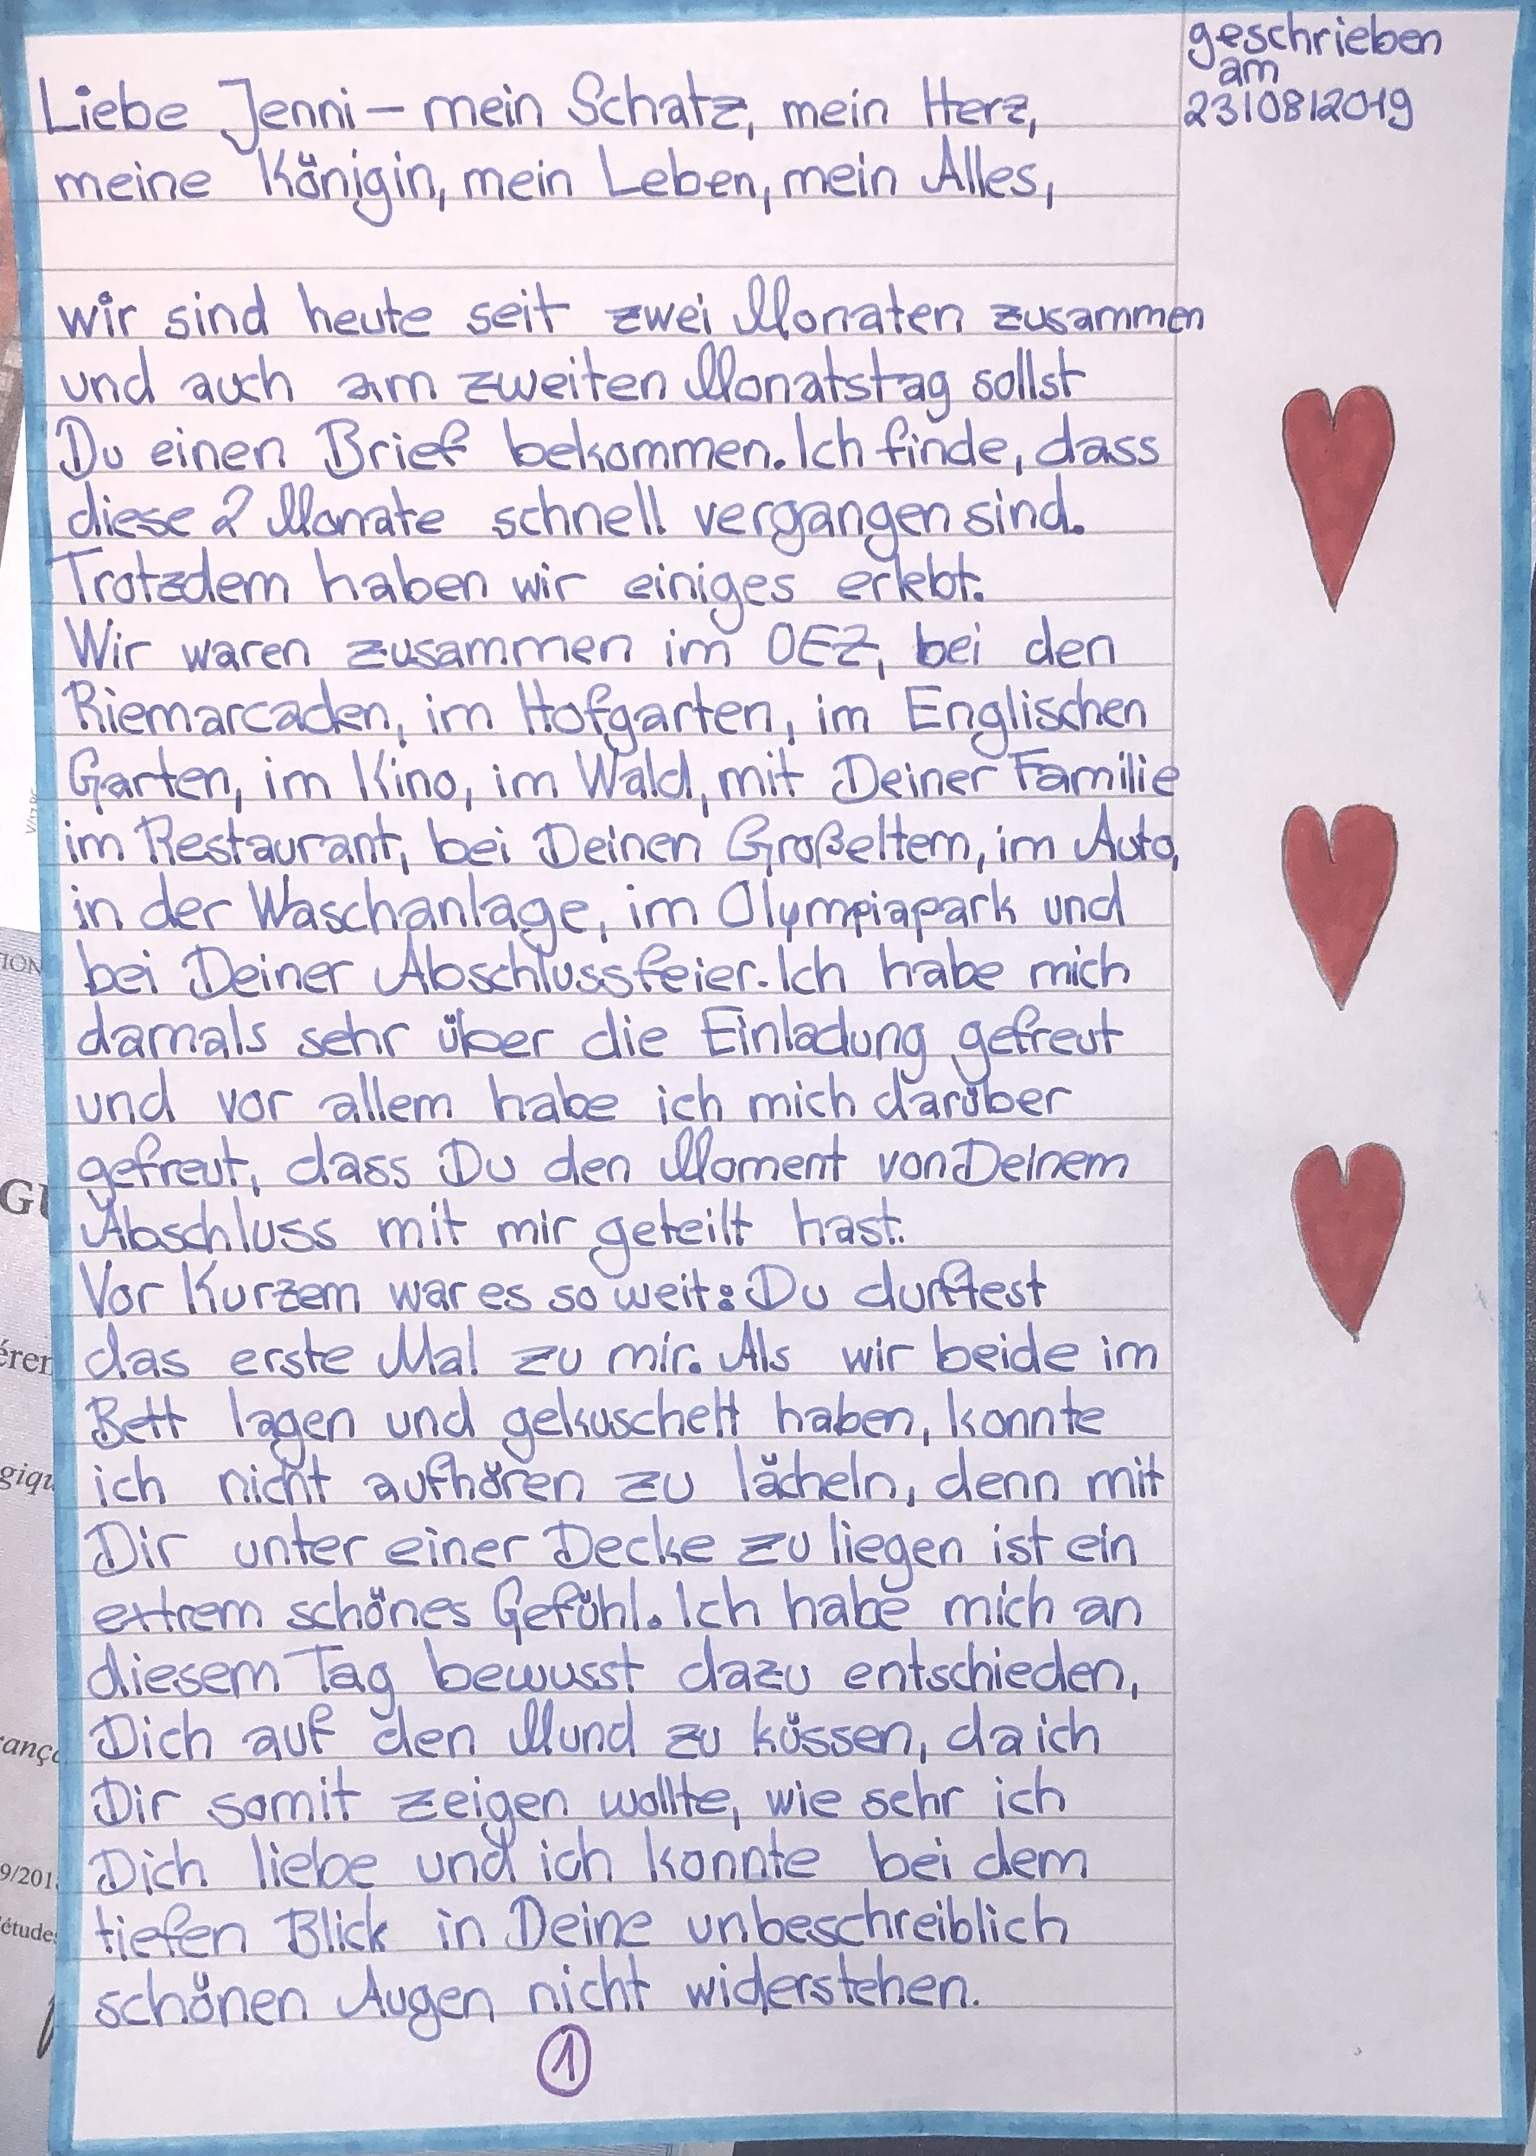 Liebesbriefe meinen schatz an lange Alles was